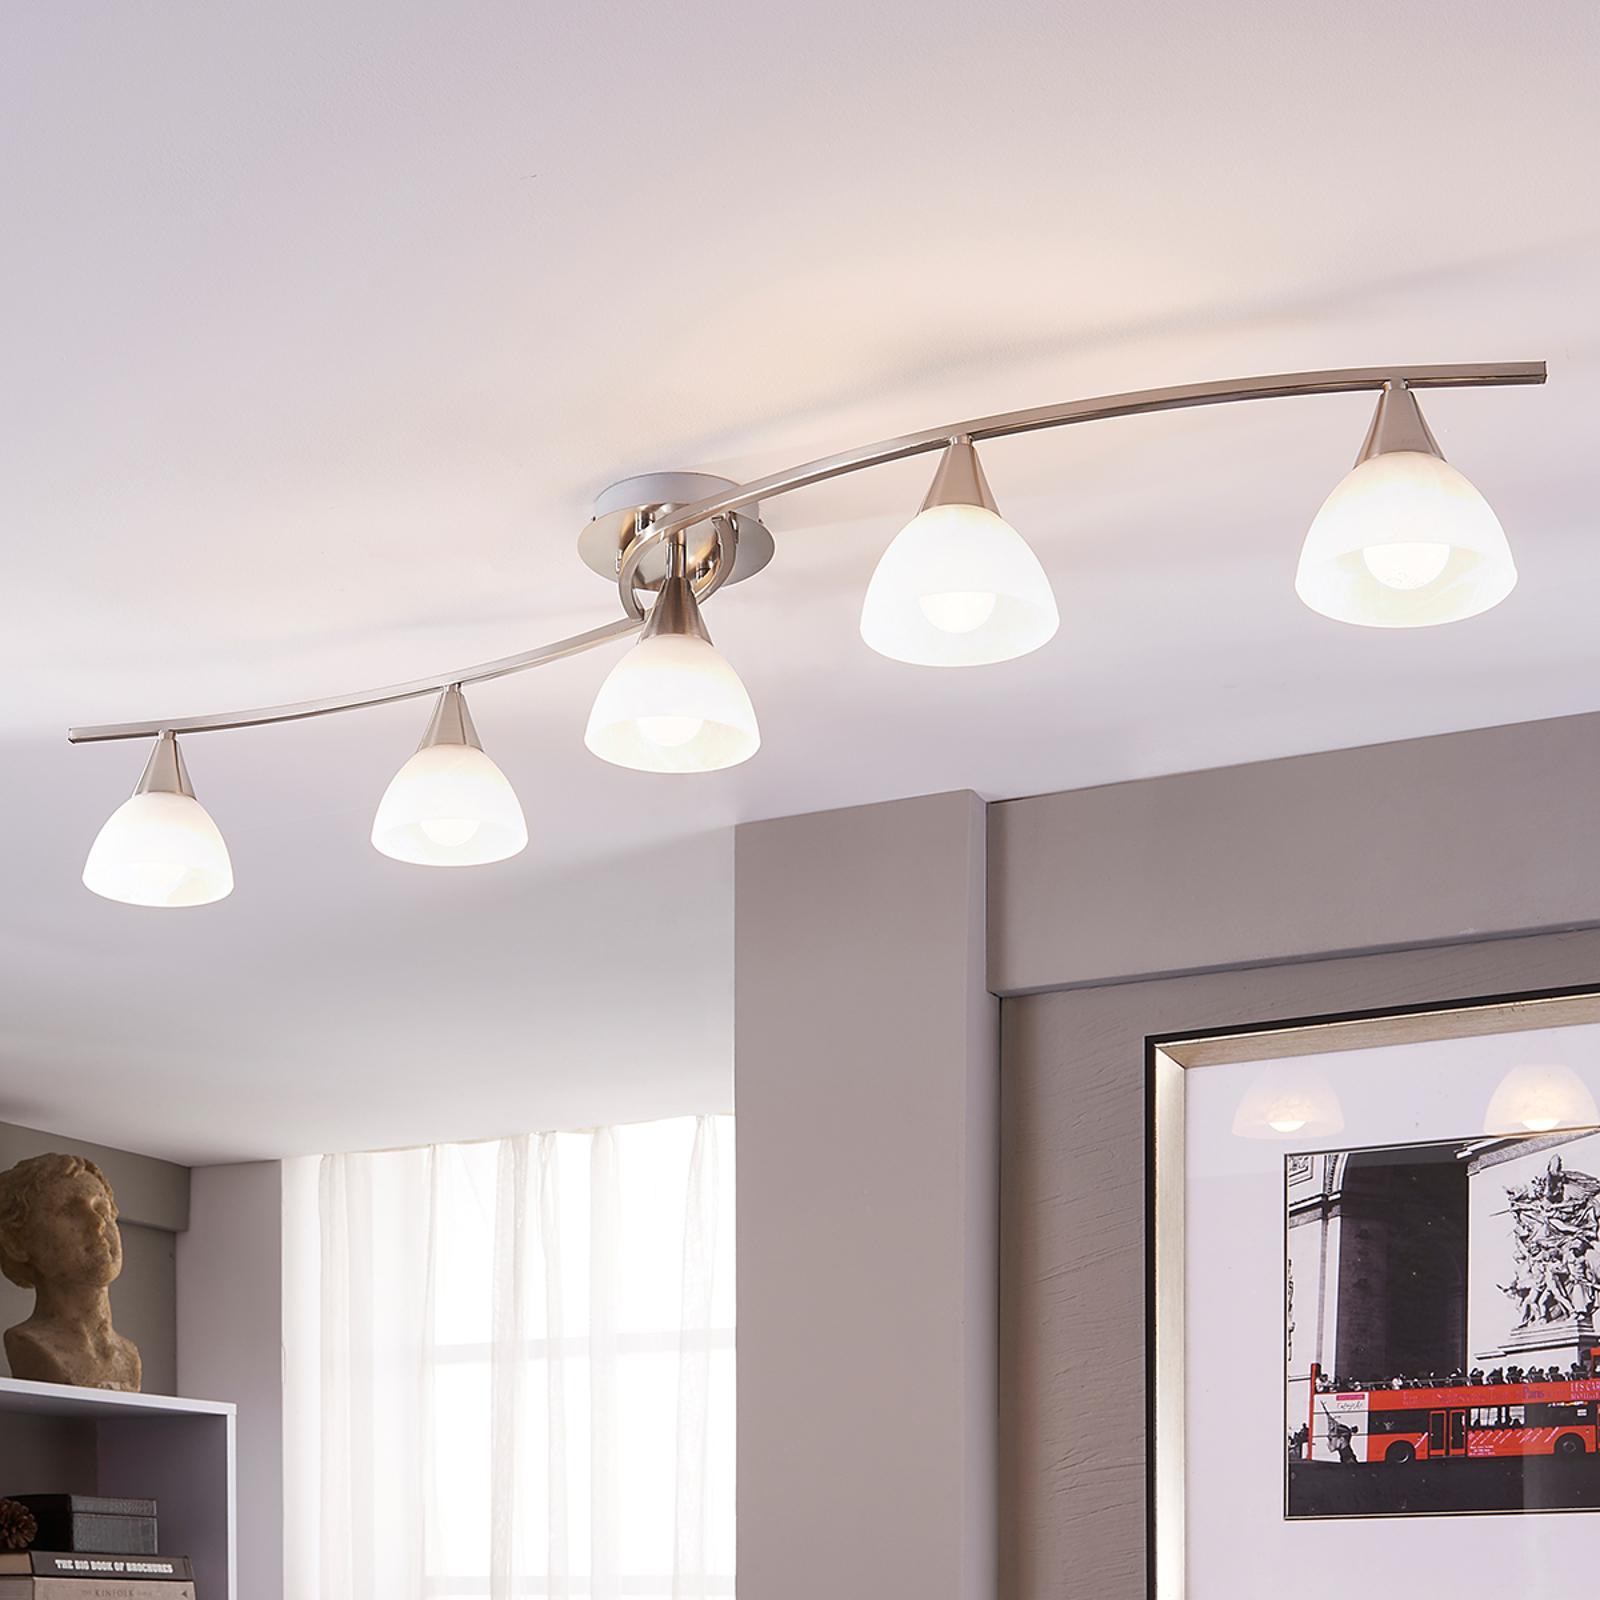 Della - lampada LED da soffitto a 5 luci nichel